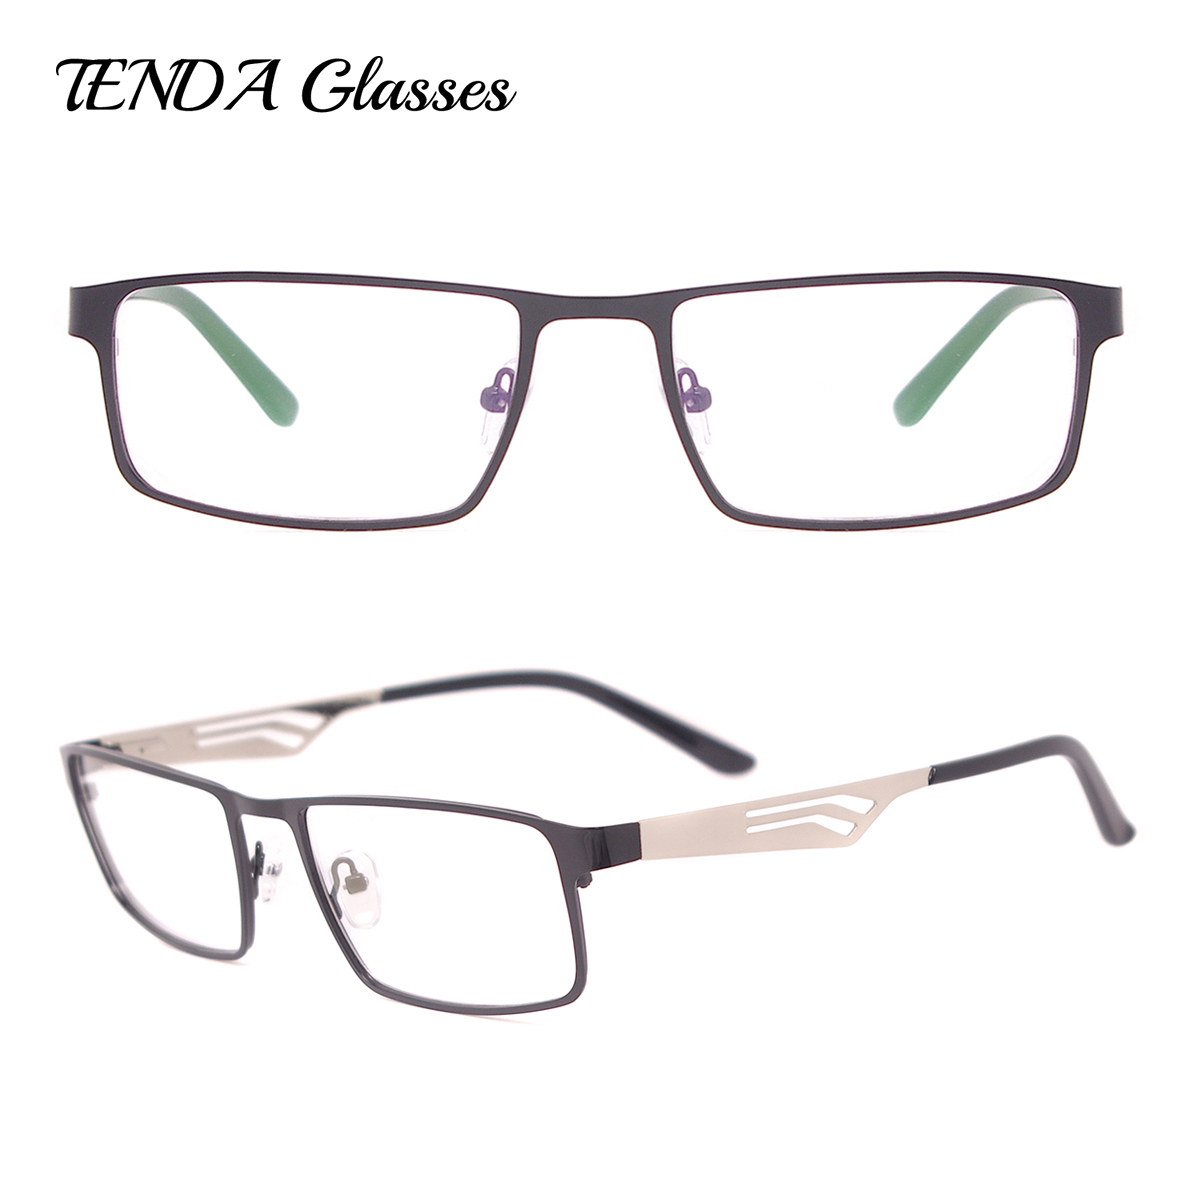 Ungewöhnlich Rechteck Brillenfassungen Ideen - Benutzerdefinierte ...